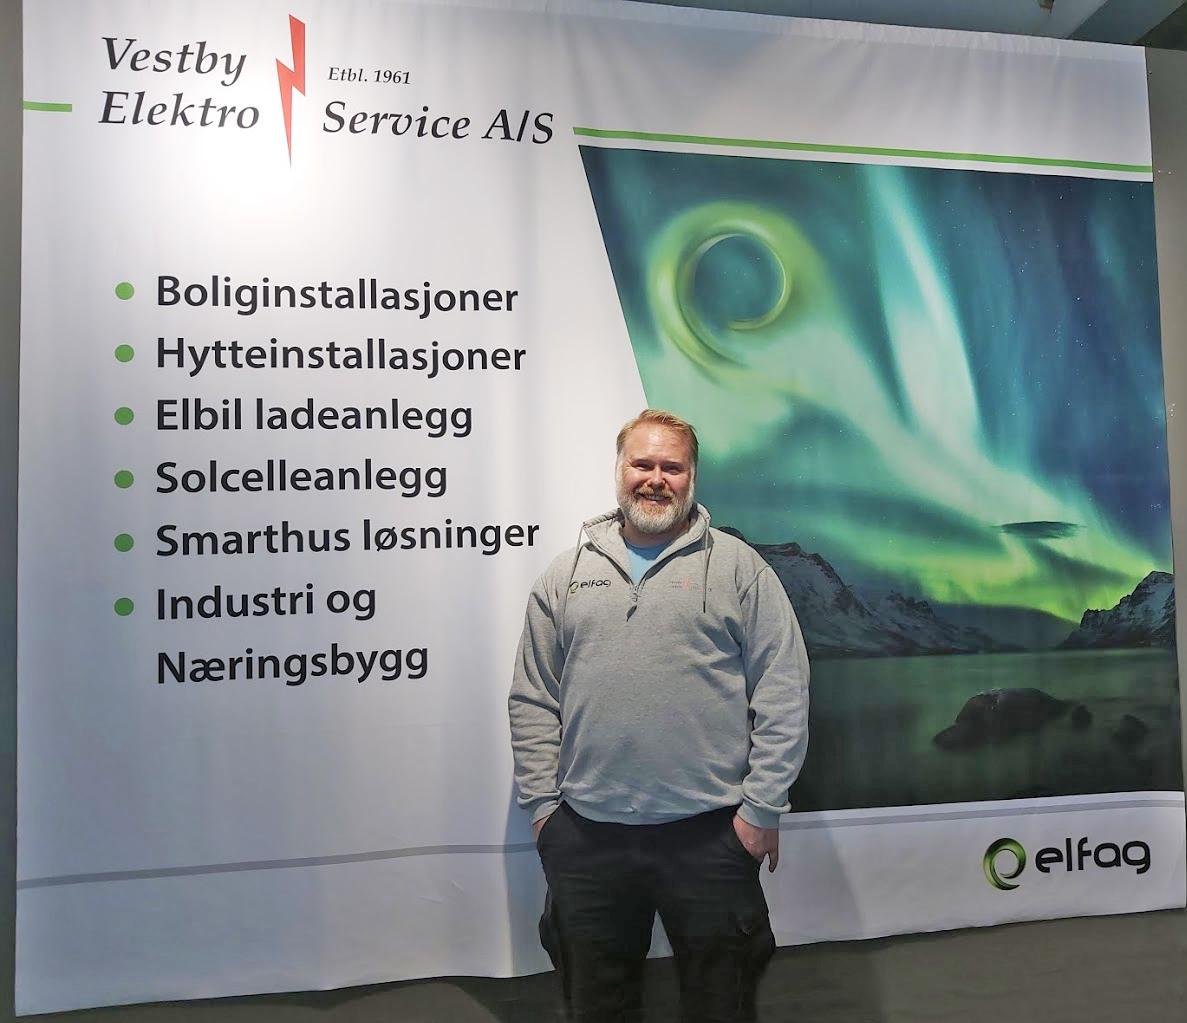 Vestby Elektro- Jan Henrik Palnes